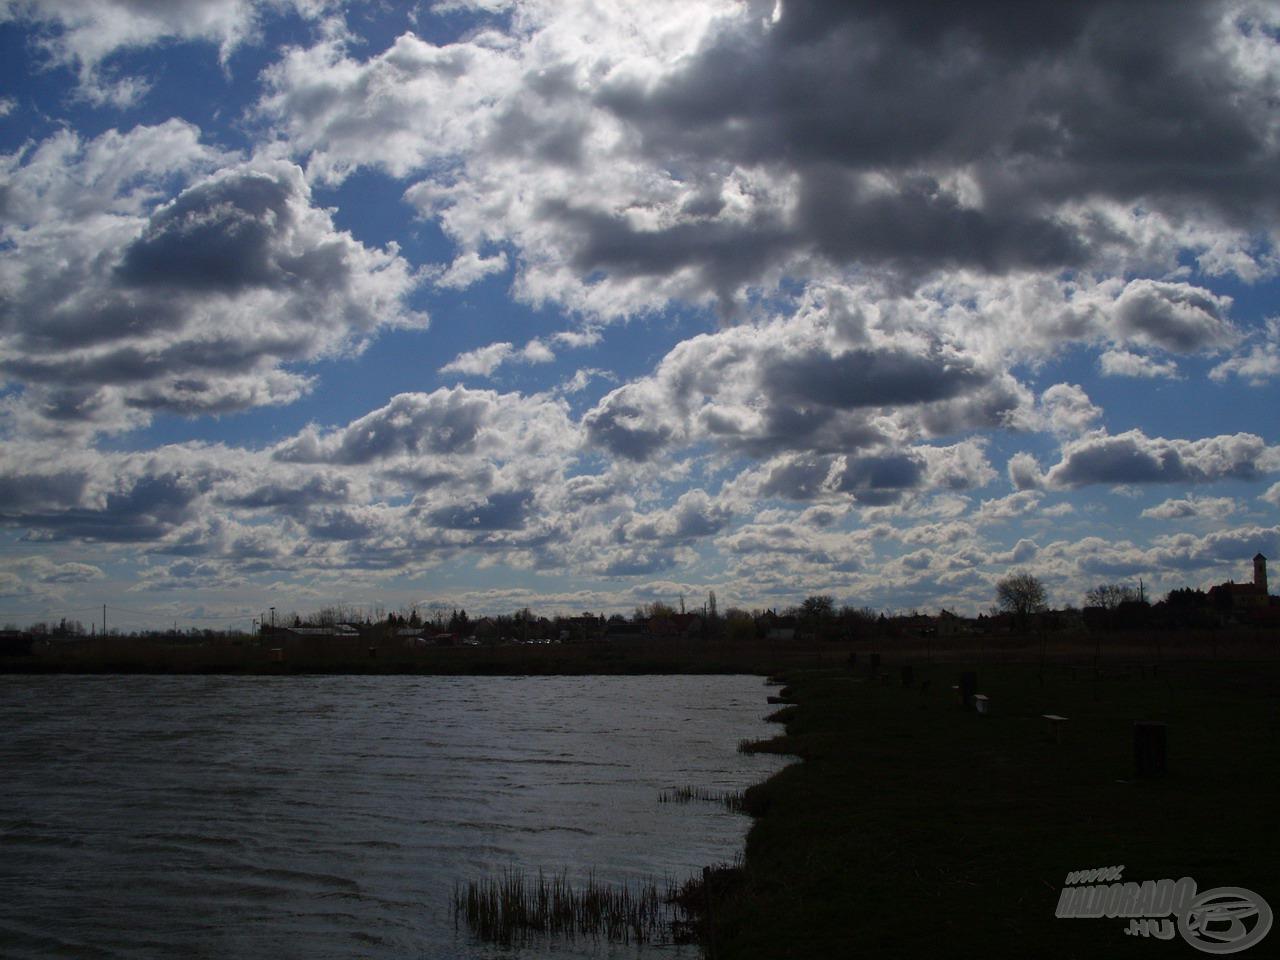 Az erős szél miatt gyorsan vonultak a felhők az égen. Nekem már az ilyen gyönyörű látványért megéri felkelni és kimenni a partra…